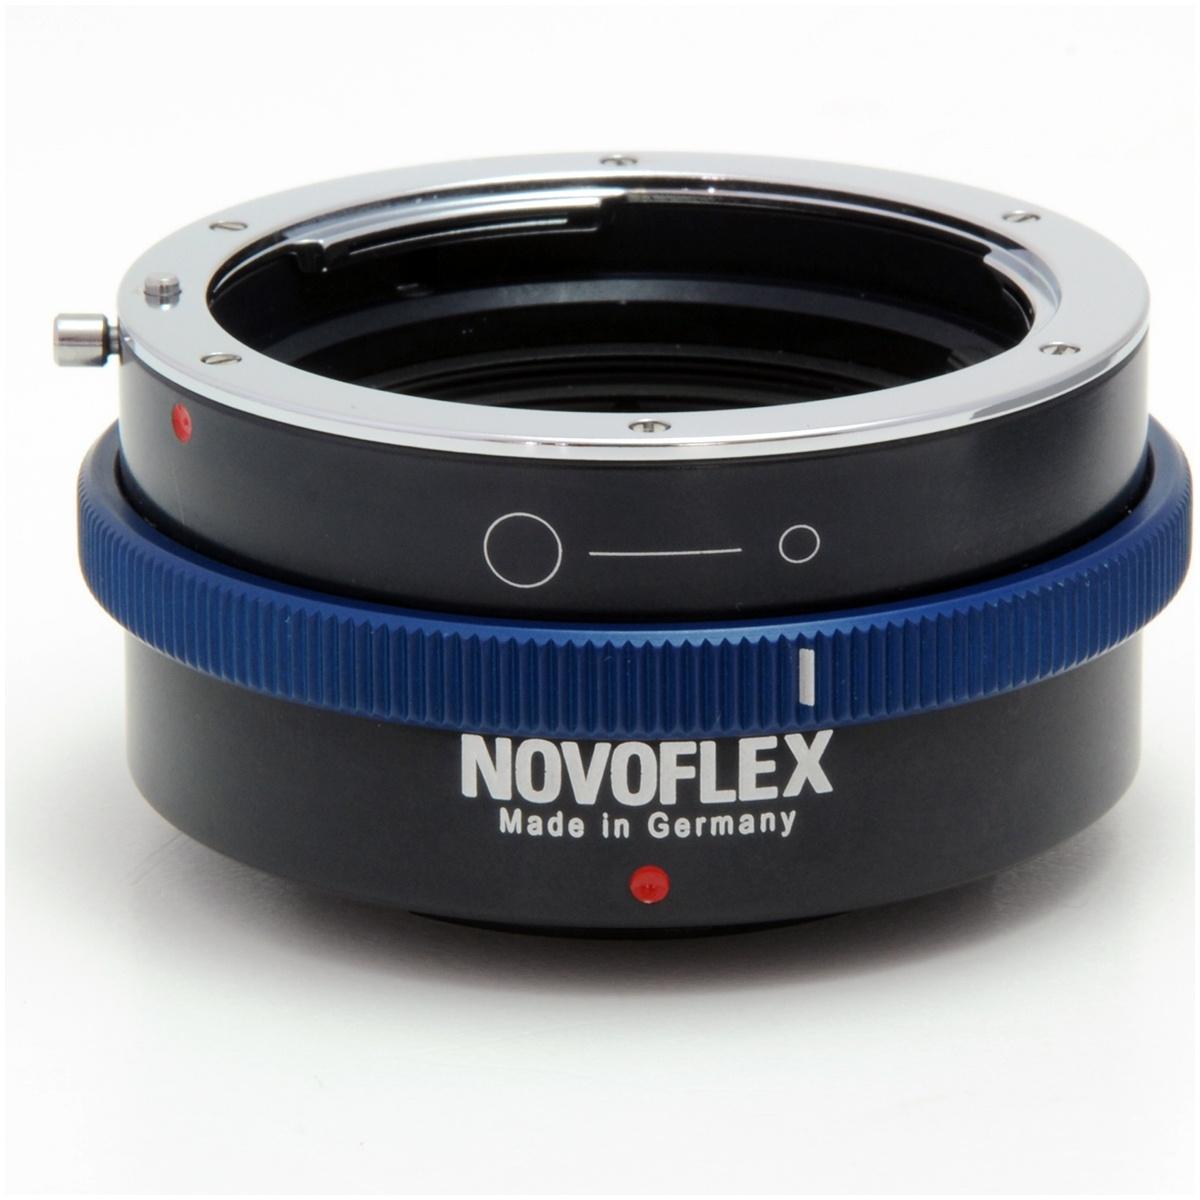 Novoflex Adapter Nikon Objektive an MFT-Kameras